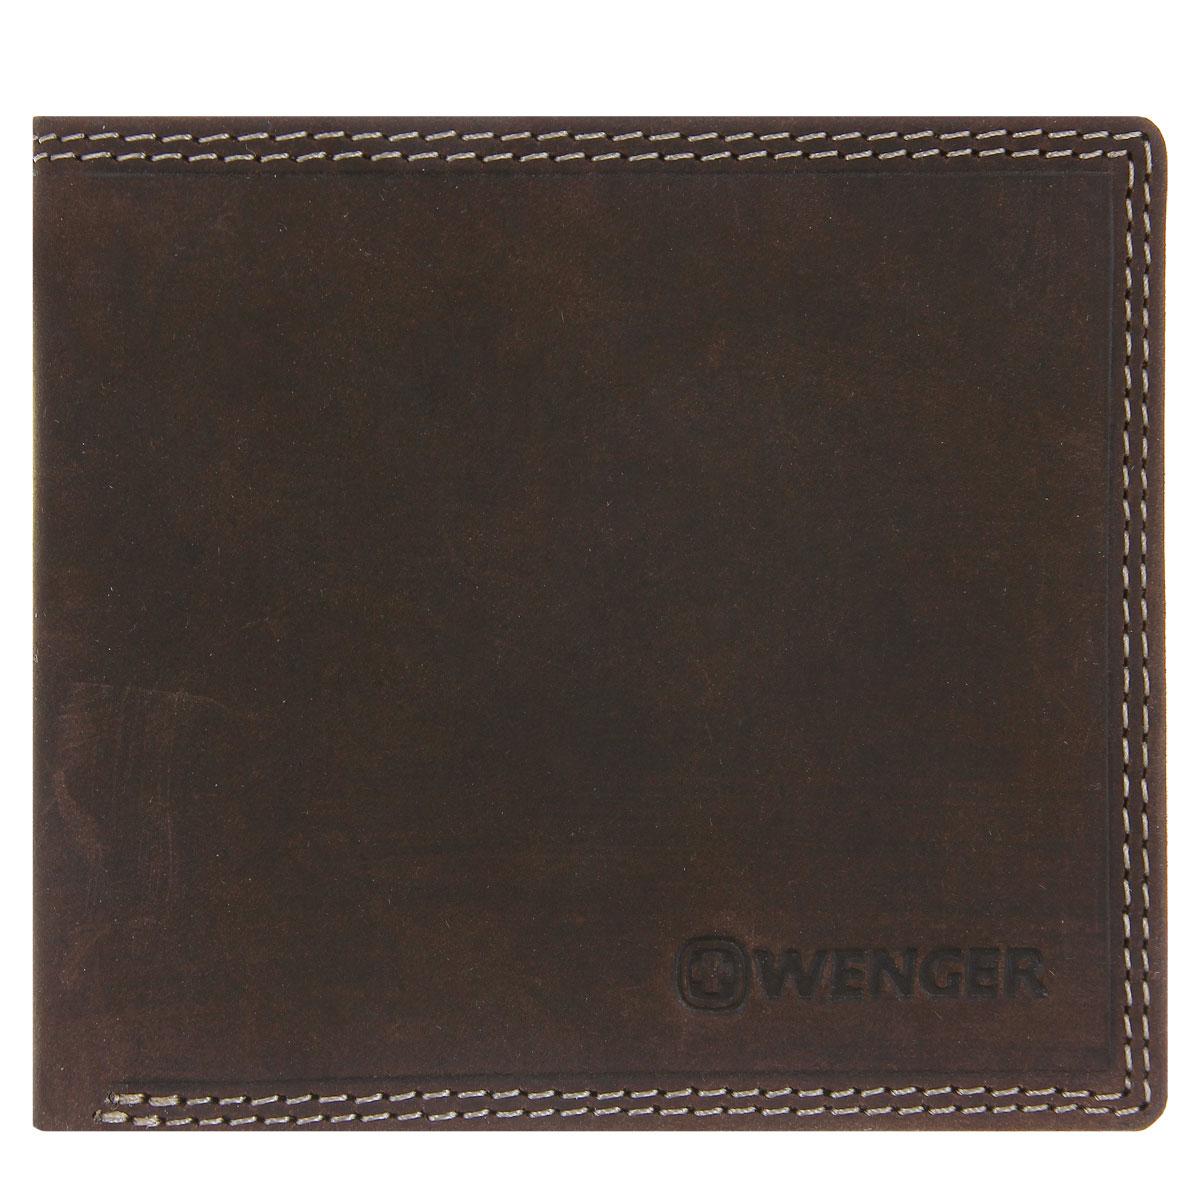 Портмоне мужское Wenger, цвет: коричневый. W5-09W5-09BROWNИзысканное мужское портмоне Wenger изготовлено из натуральной кожи и оформлено декоративной прострочкой, тиснениями в виде названия и логотипа бренда на лицевой стороне. Внутри - два отделения для купюр, отсек для мелочи на замке-кнопке, два боковых кармана и четыре прорези для визиток и банковских карт. Изюминка модели - перекидной блок, который содержит четыре прорези и сетчатый карман. Изделие упаковано в фирменную коробку. Модное портмоне Wenger придется по душе истинному ценителю прекрасного. По всем вопросам гарантийного и постгарантийного обслуживания рюкзаков, чемоданов, спортивных и кожаных сумок, а также портмоне марок Wenger и SwissGear вы можете обратиться в сервис-центр, расположенный по адресу: г. Москва, Саввинская набережная, д.3. Тел: (495) 788-39-96, (499) 248-56-56, ежедневно с 9:00 до 21:00. Подробные условия гарантийного обслуживания приведены в гарантийном талоне, поставляемым в комплекте с каждым изделием. Бесплатный ремонт...